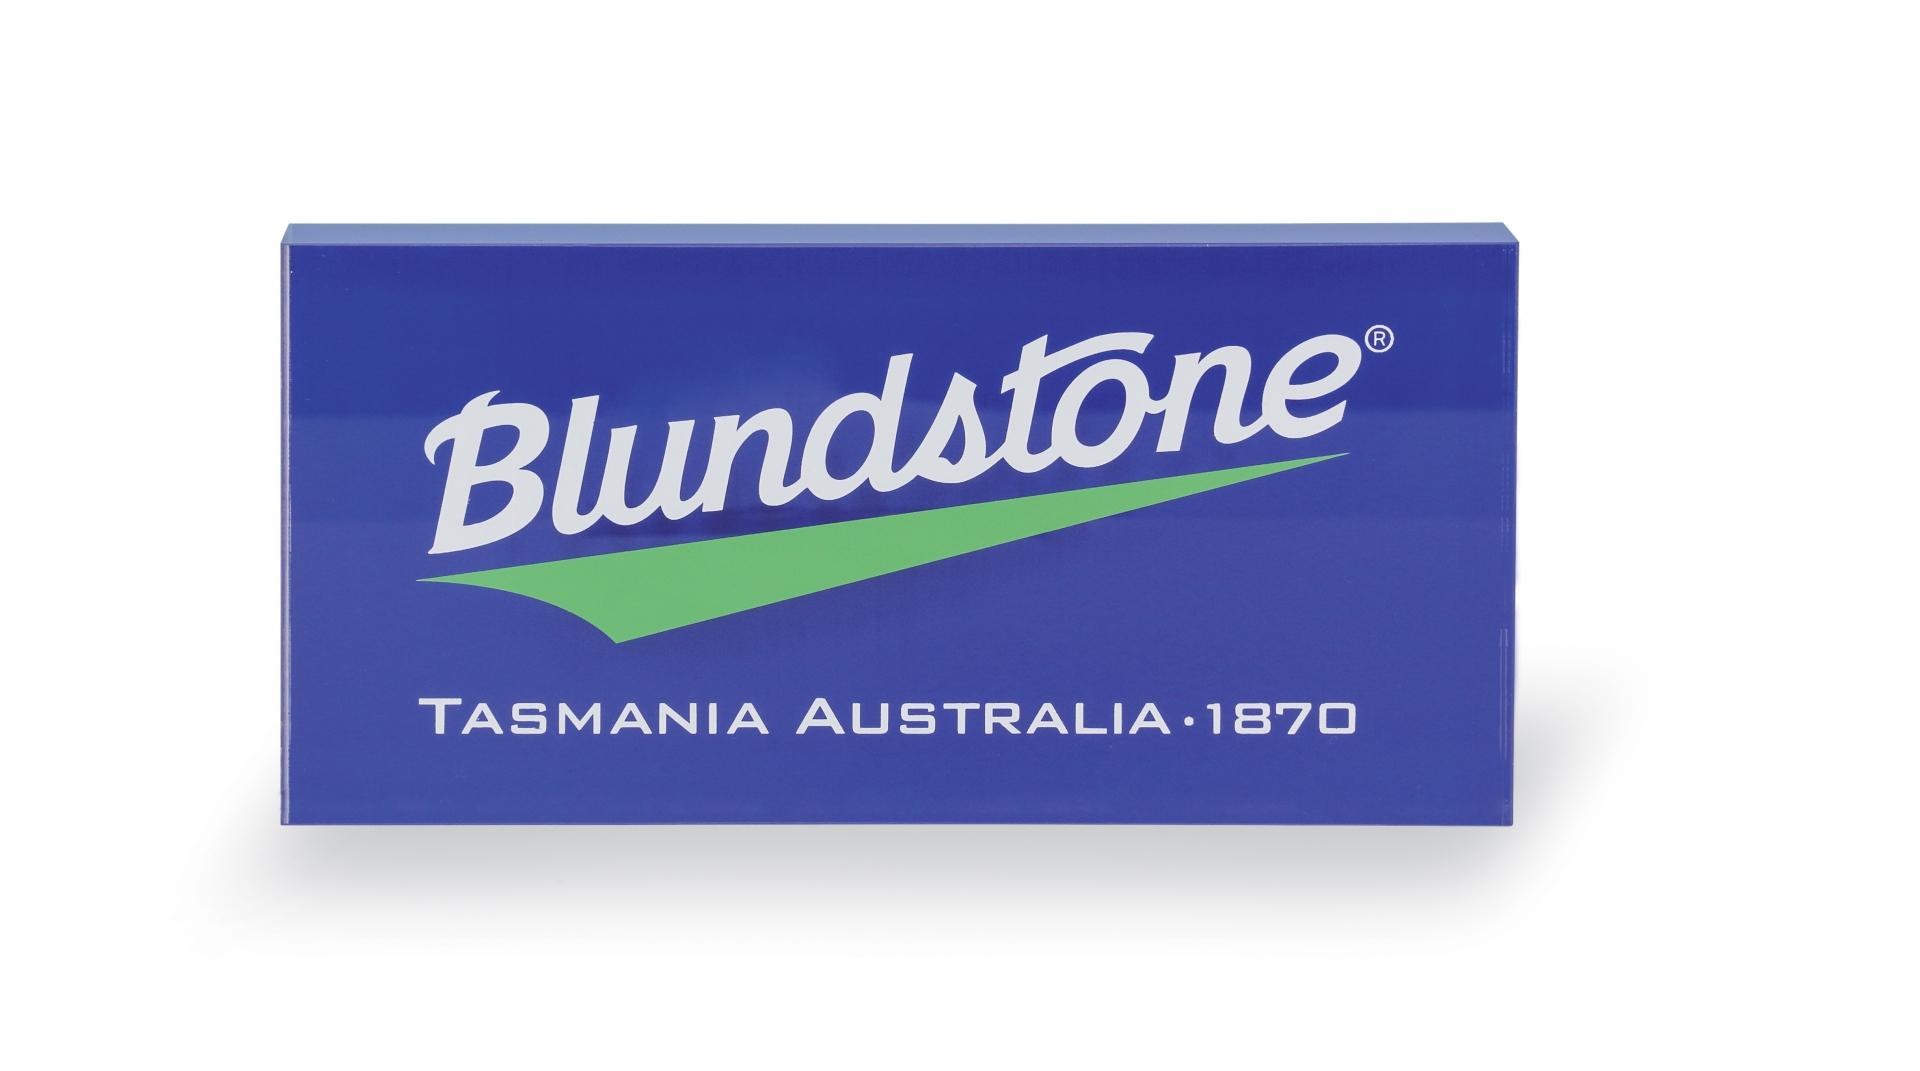 POP | Blundstone - Centroffset stampa, packaging, grafica